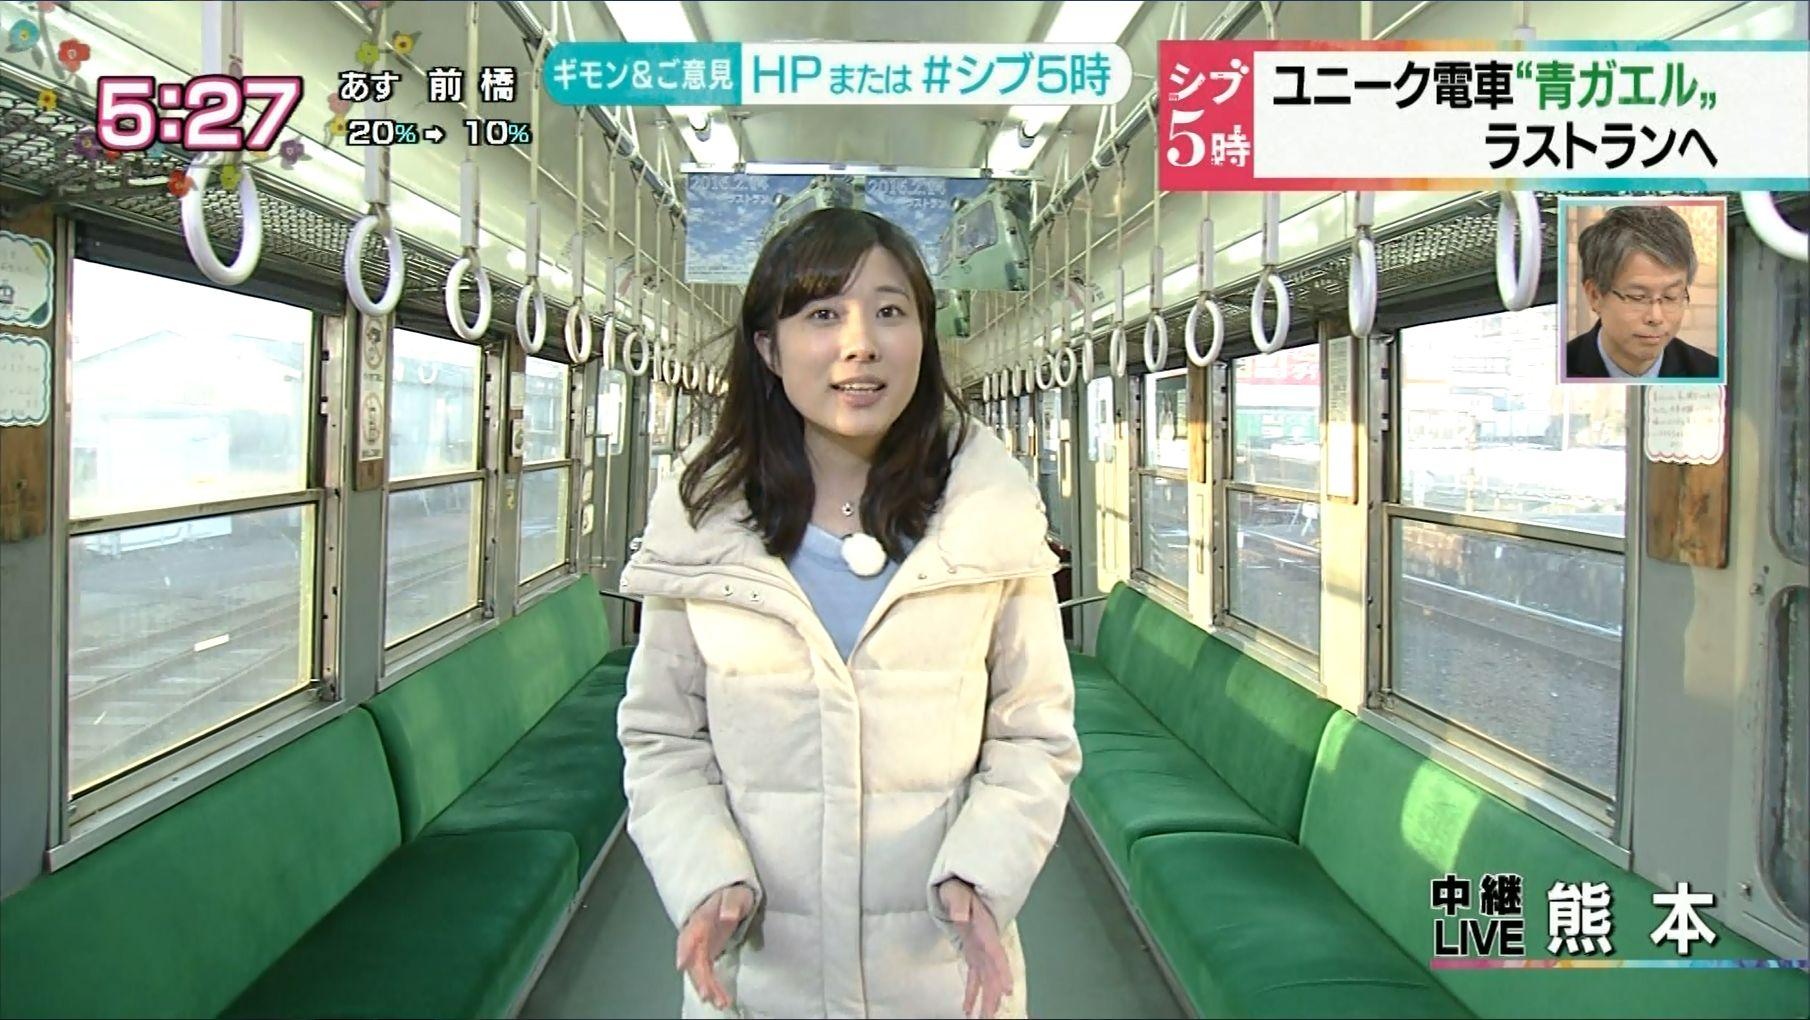 石橋亜紗の画像 p1_29